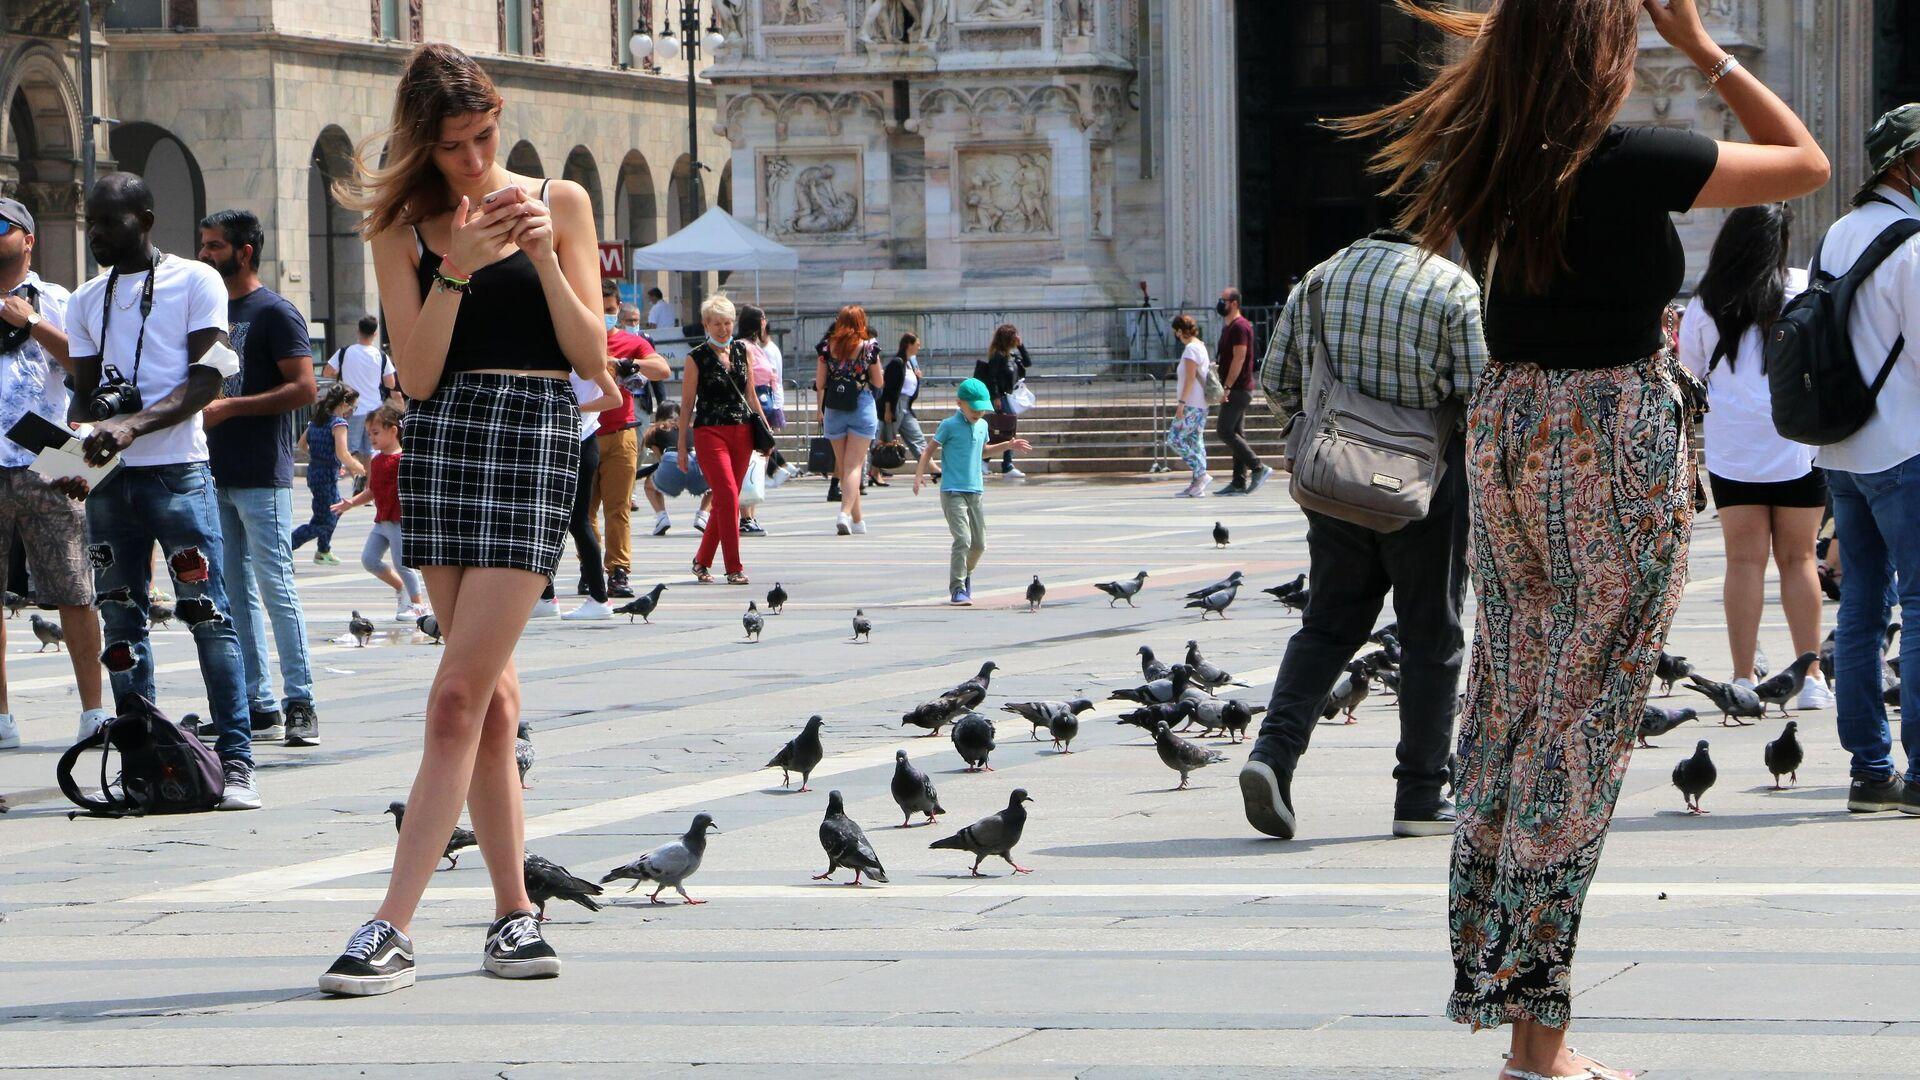 Le persone passano il tempo su una piazza di Milano - Sputnik Italia, 1920, 18.07.2021